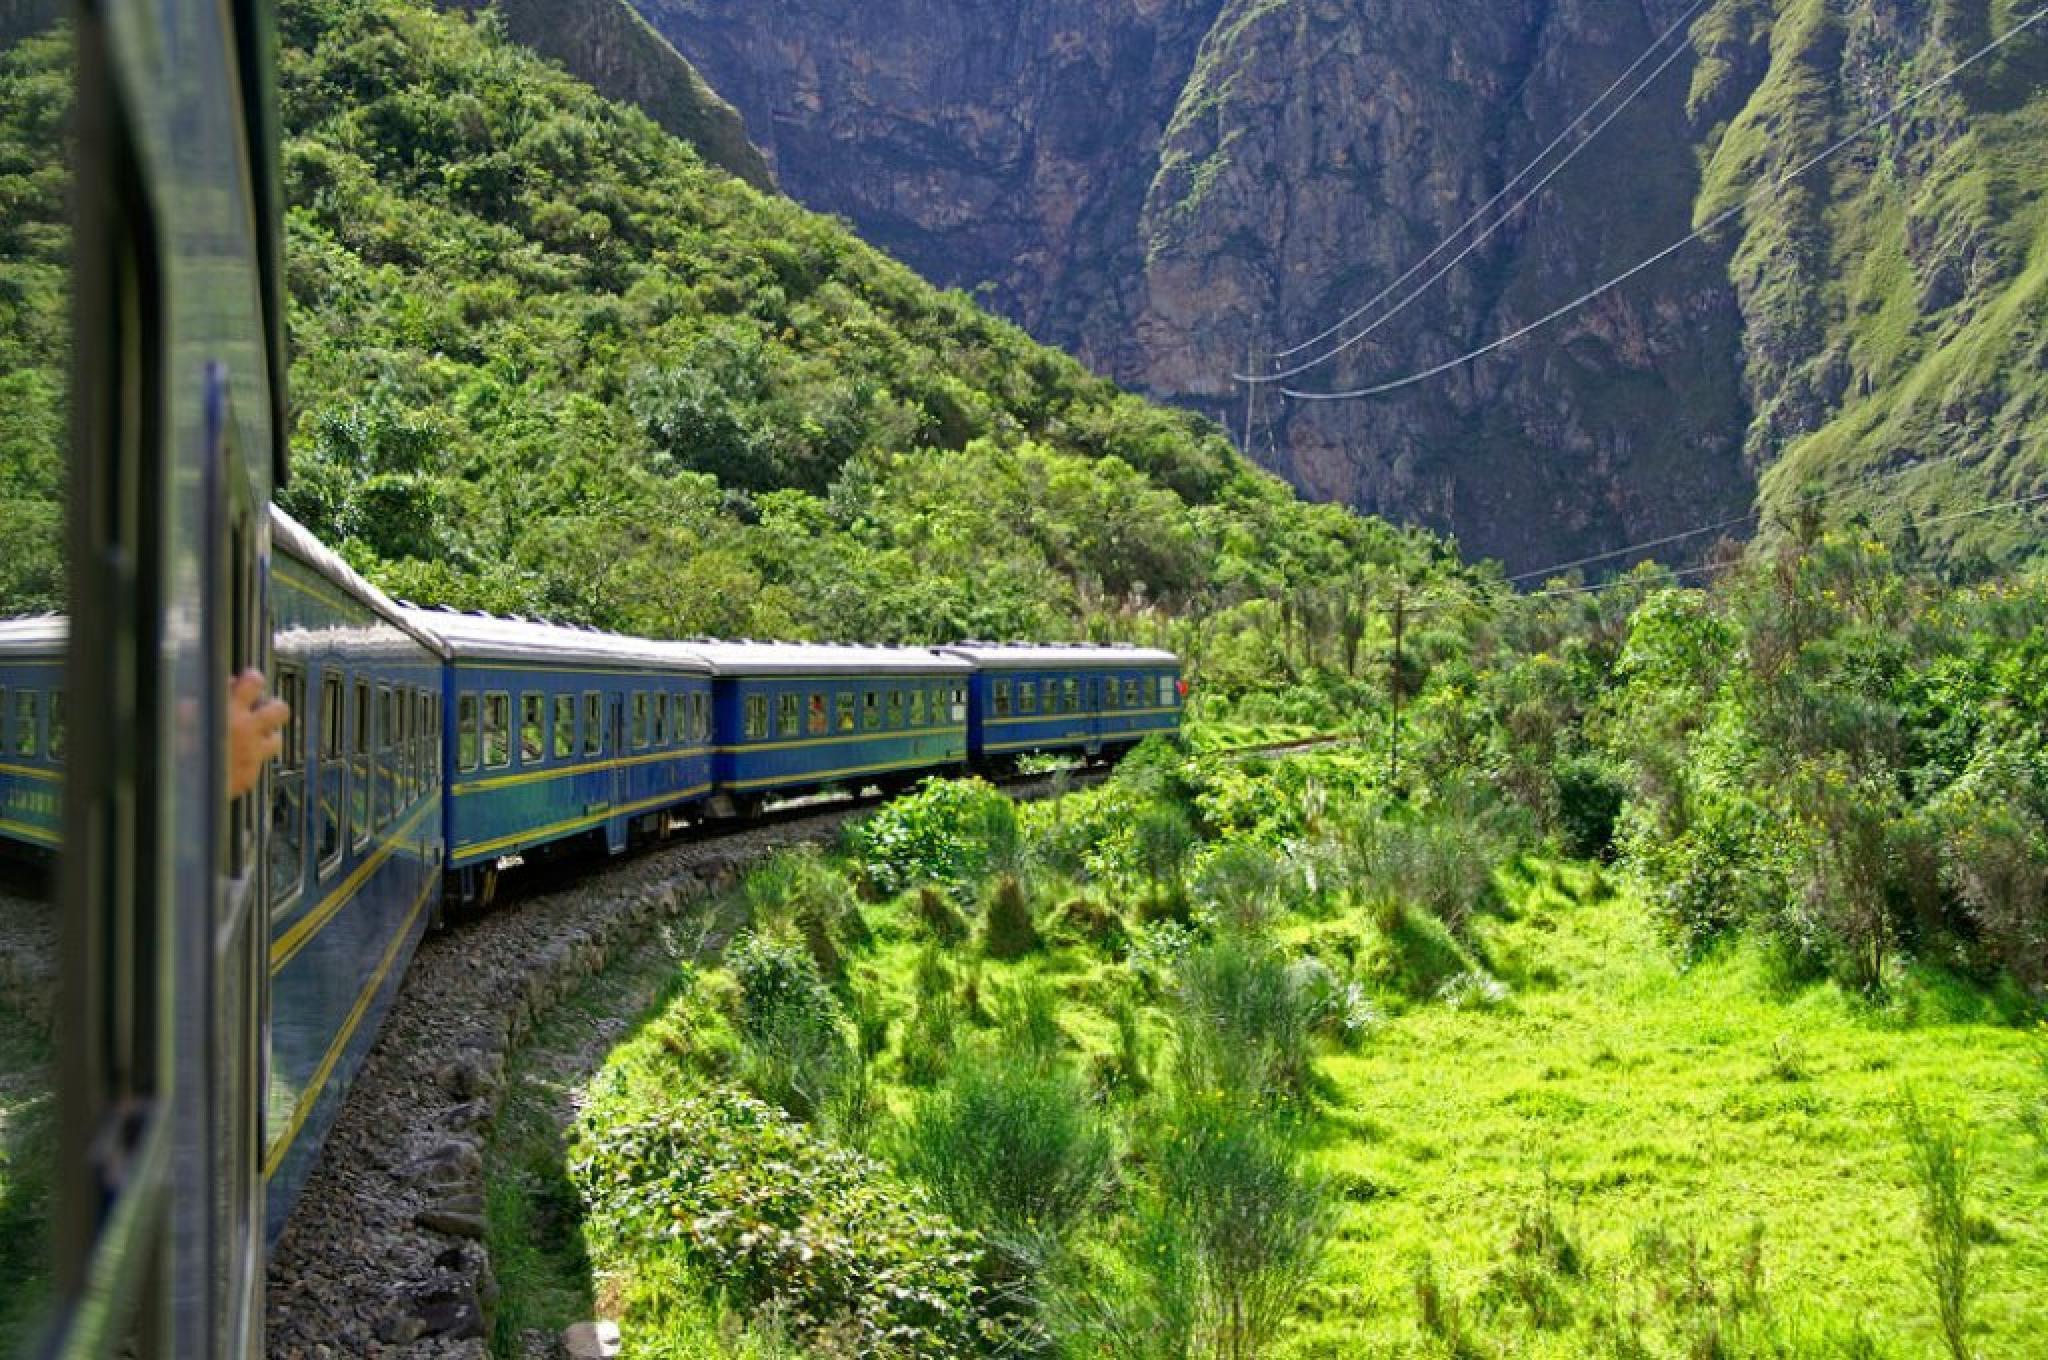 Poroy to Aguas Calientes Expedition Train #33